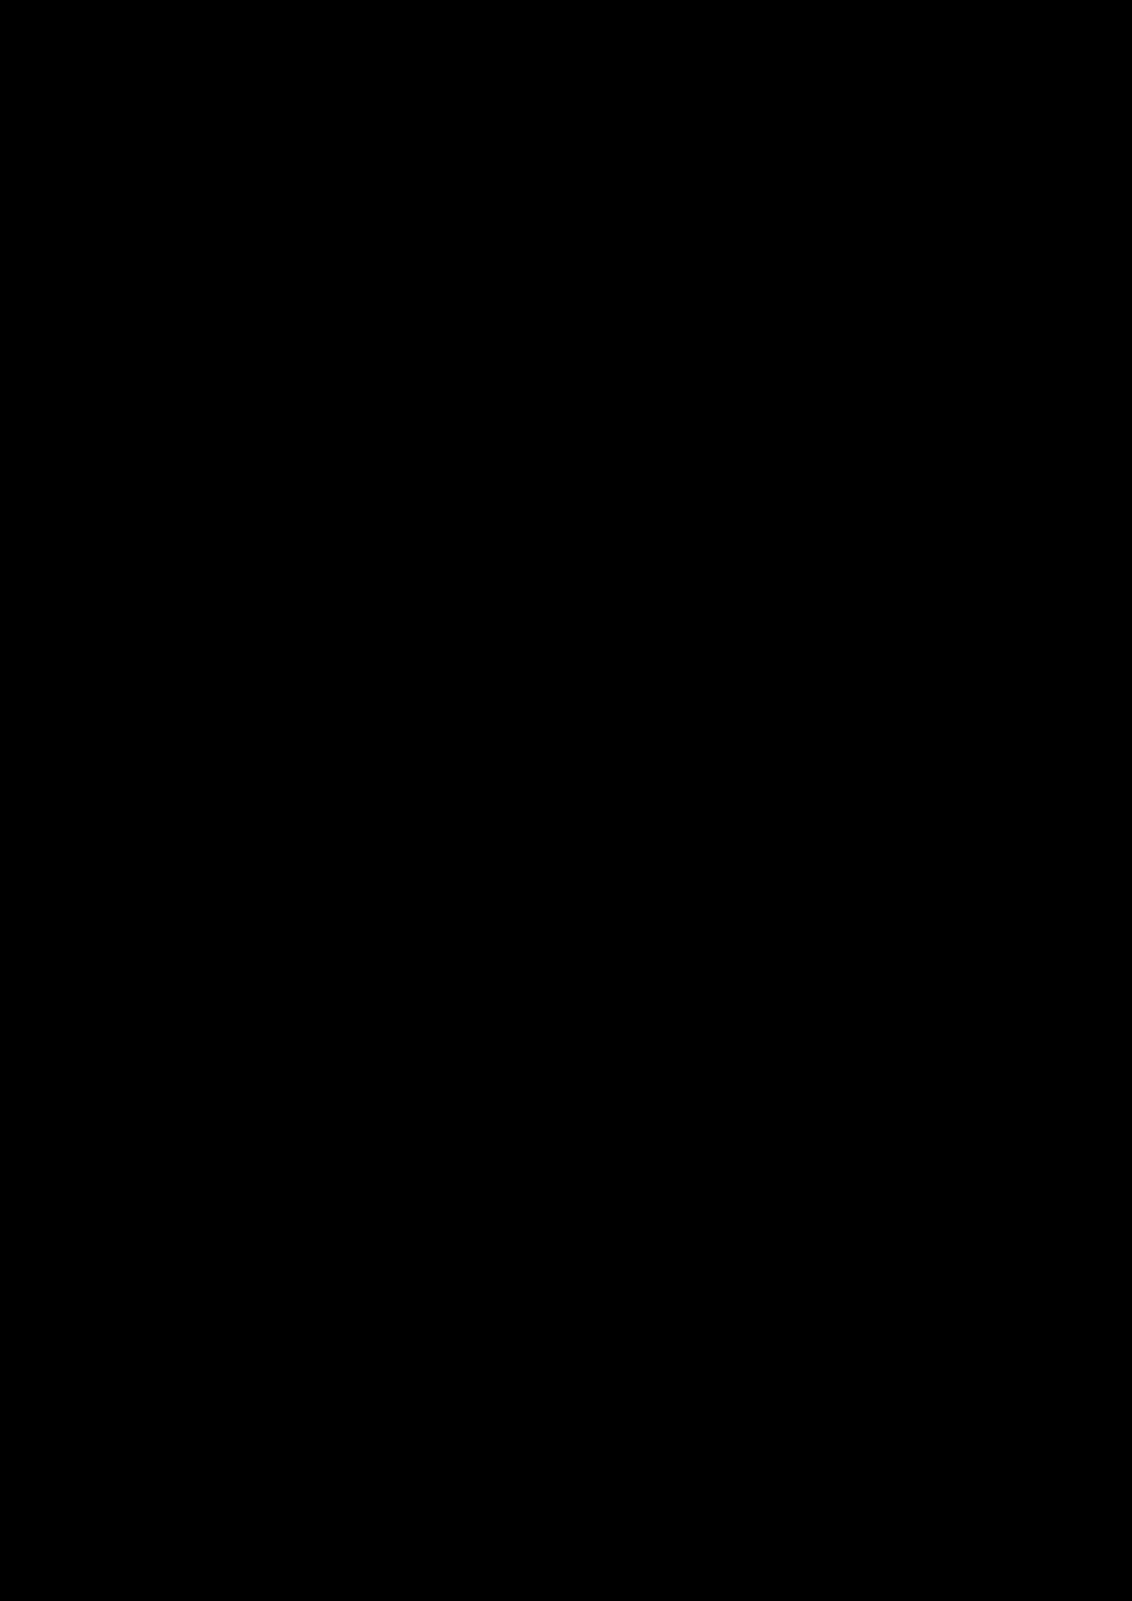 Zagadka volshebnoy stranyi slide, Image 167